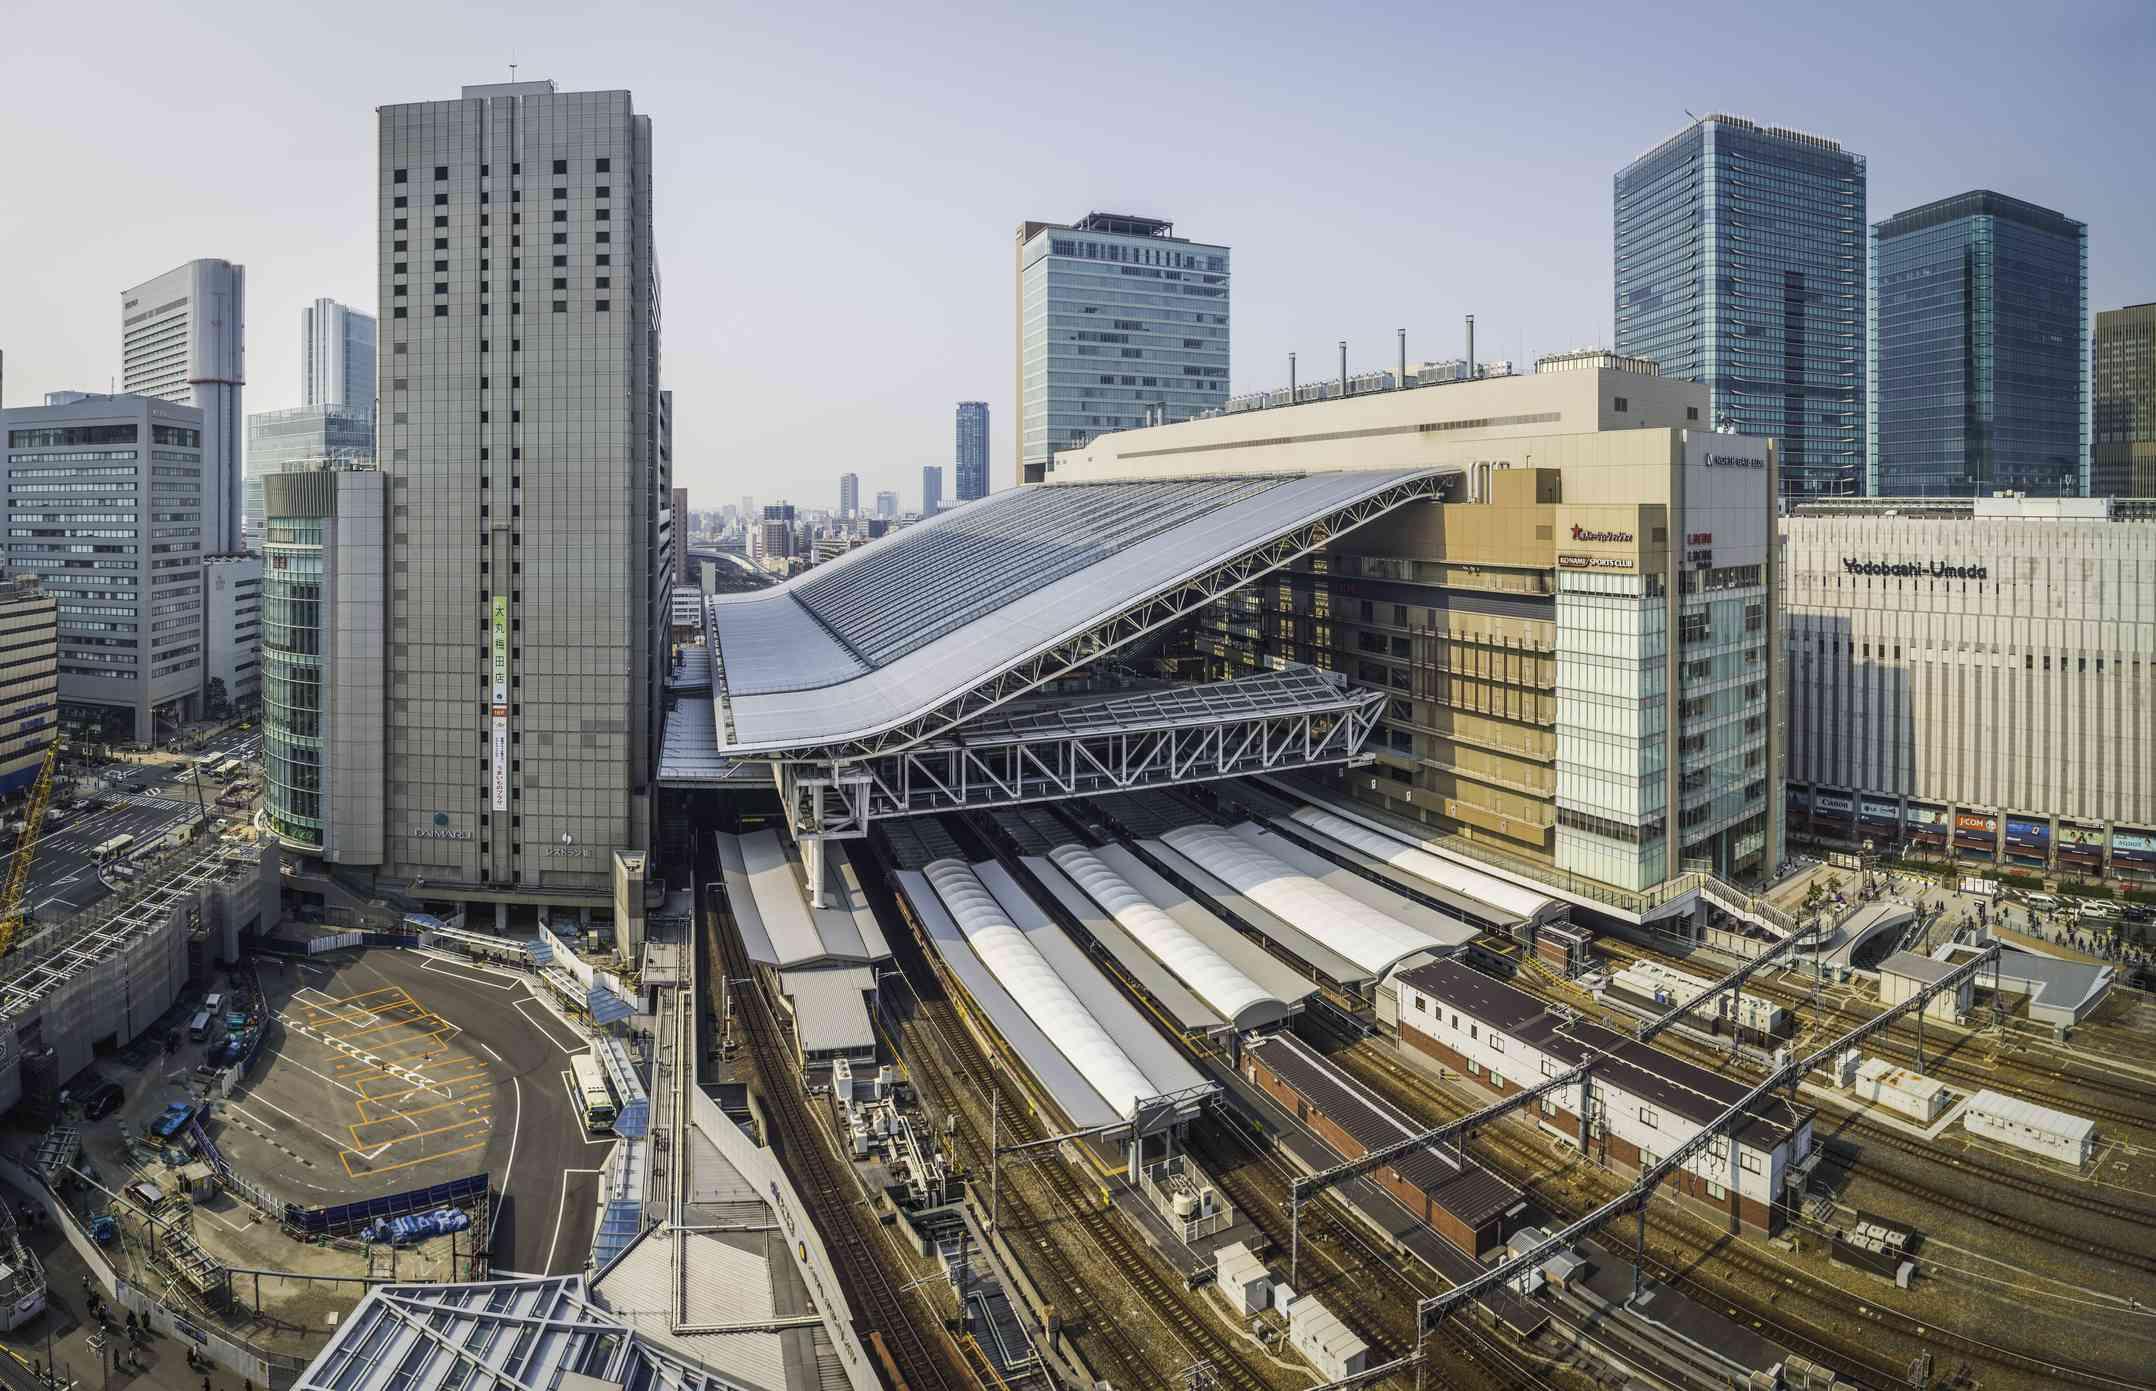 Estación de tren de Osaka